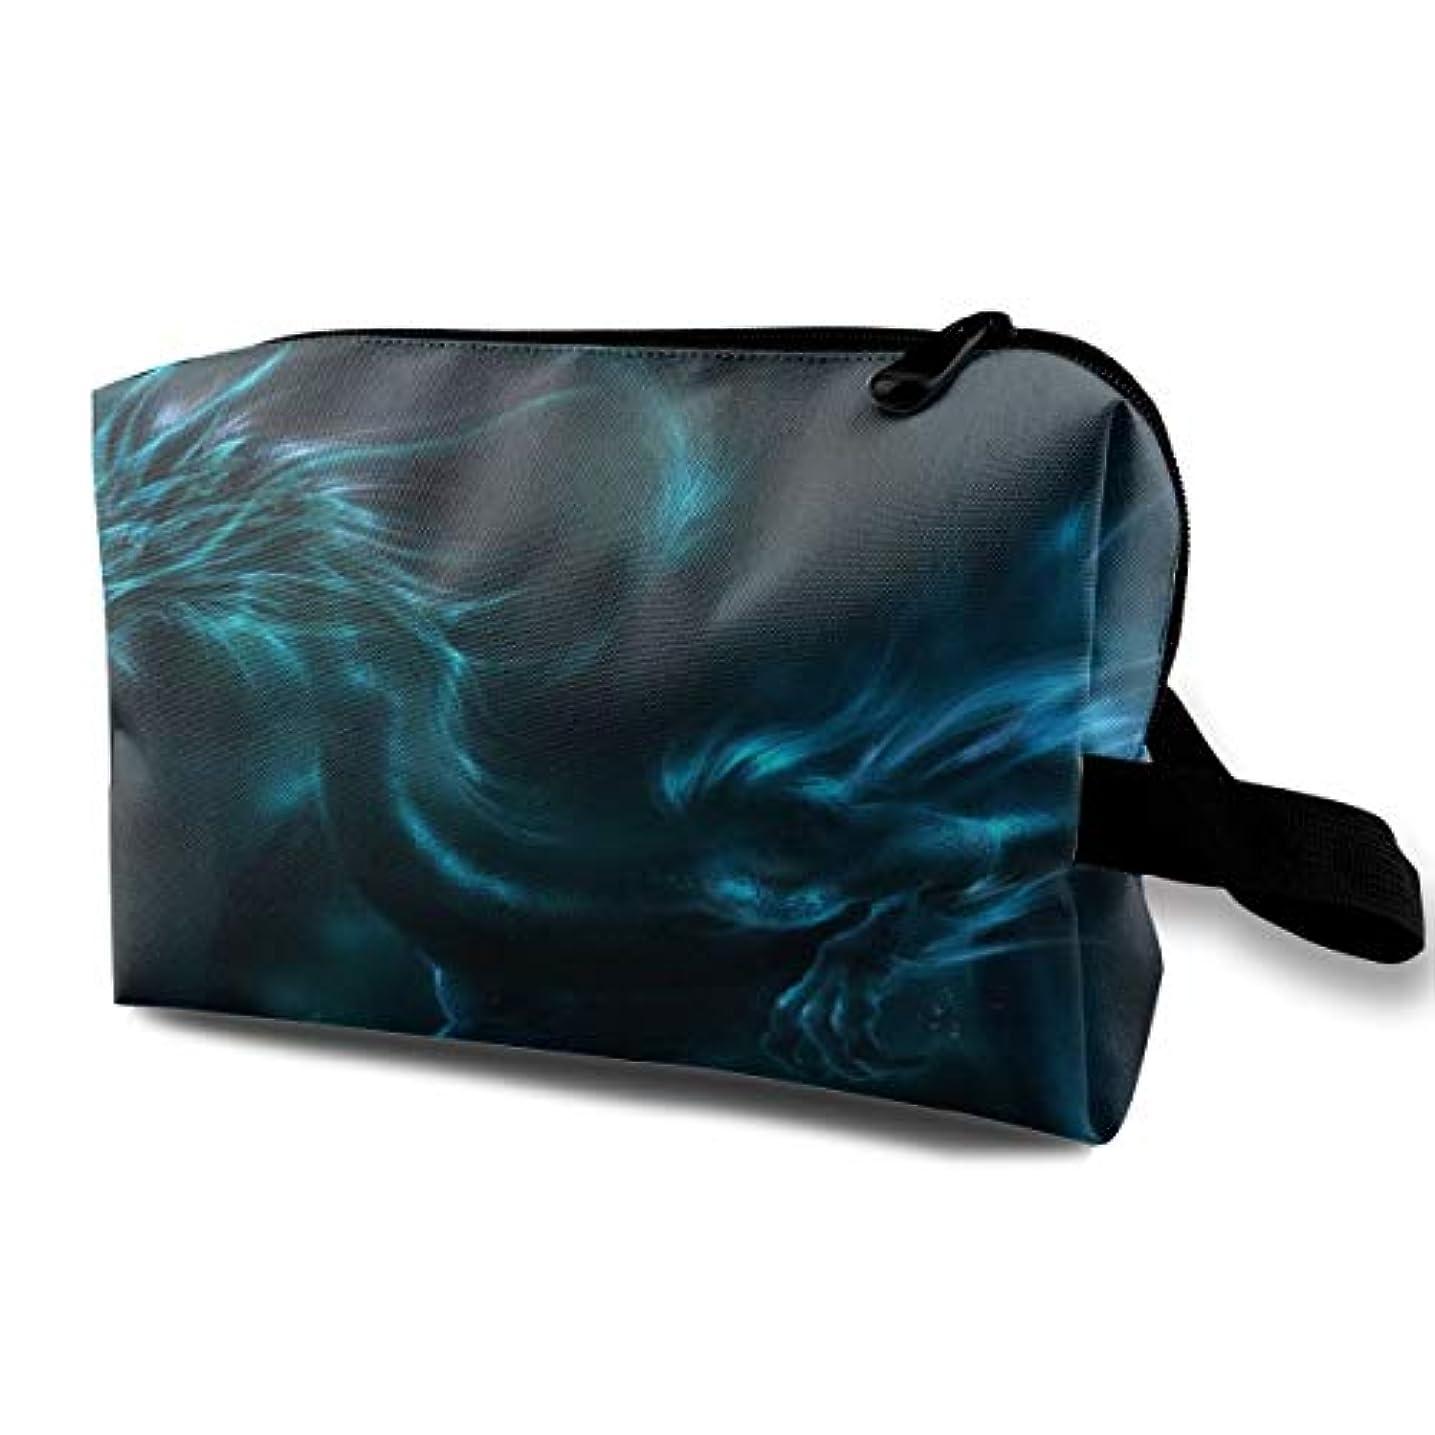 浅いイースター知り合いになるCool Blue Dragon 収納ポーチ 化粧ポーチ 大容量 軽量 耐久性 ハンドル付持ち運び便利。入れ 自宅?出張?旅行?アウトドア撮影などに対応。メンズ レディース トラベルグッズ